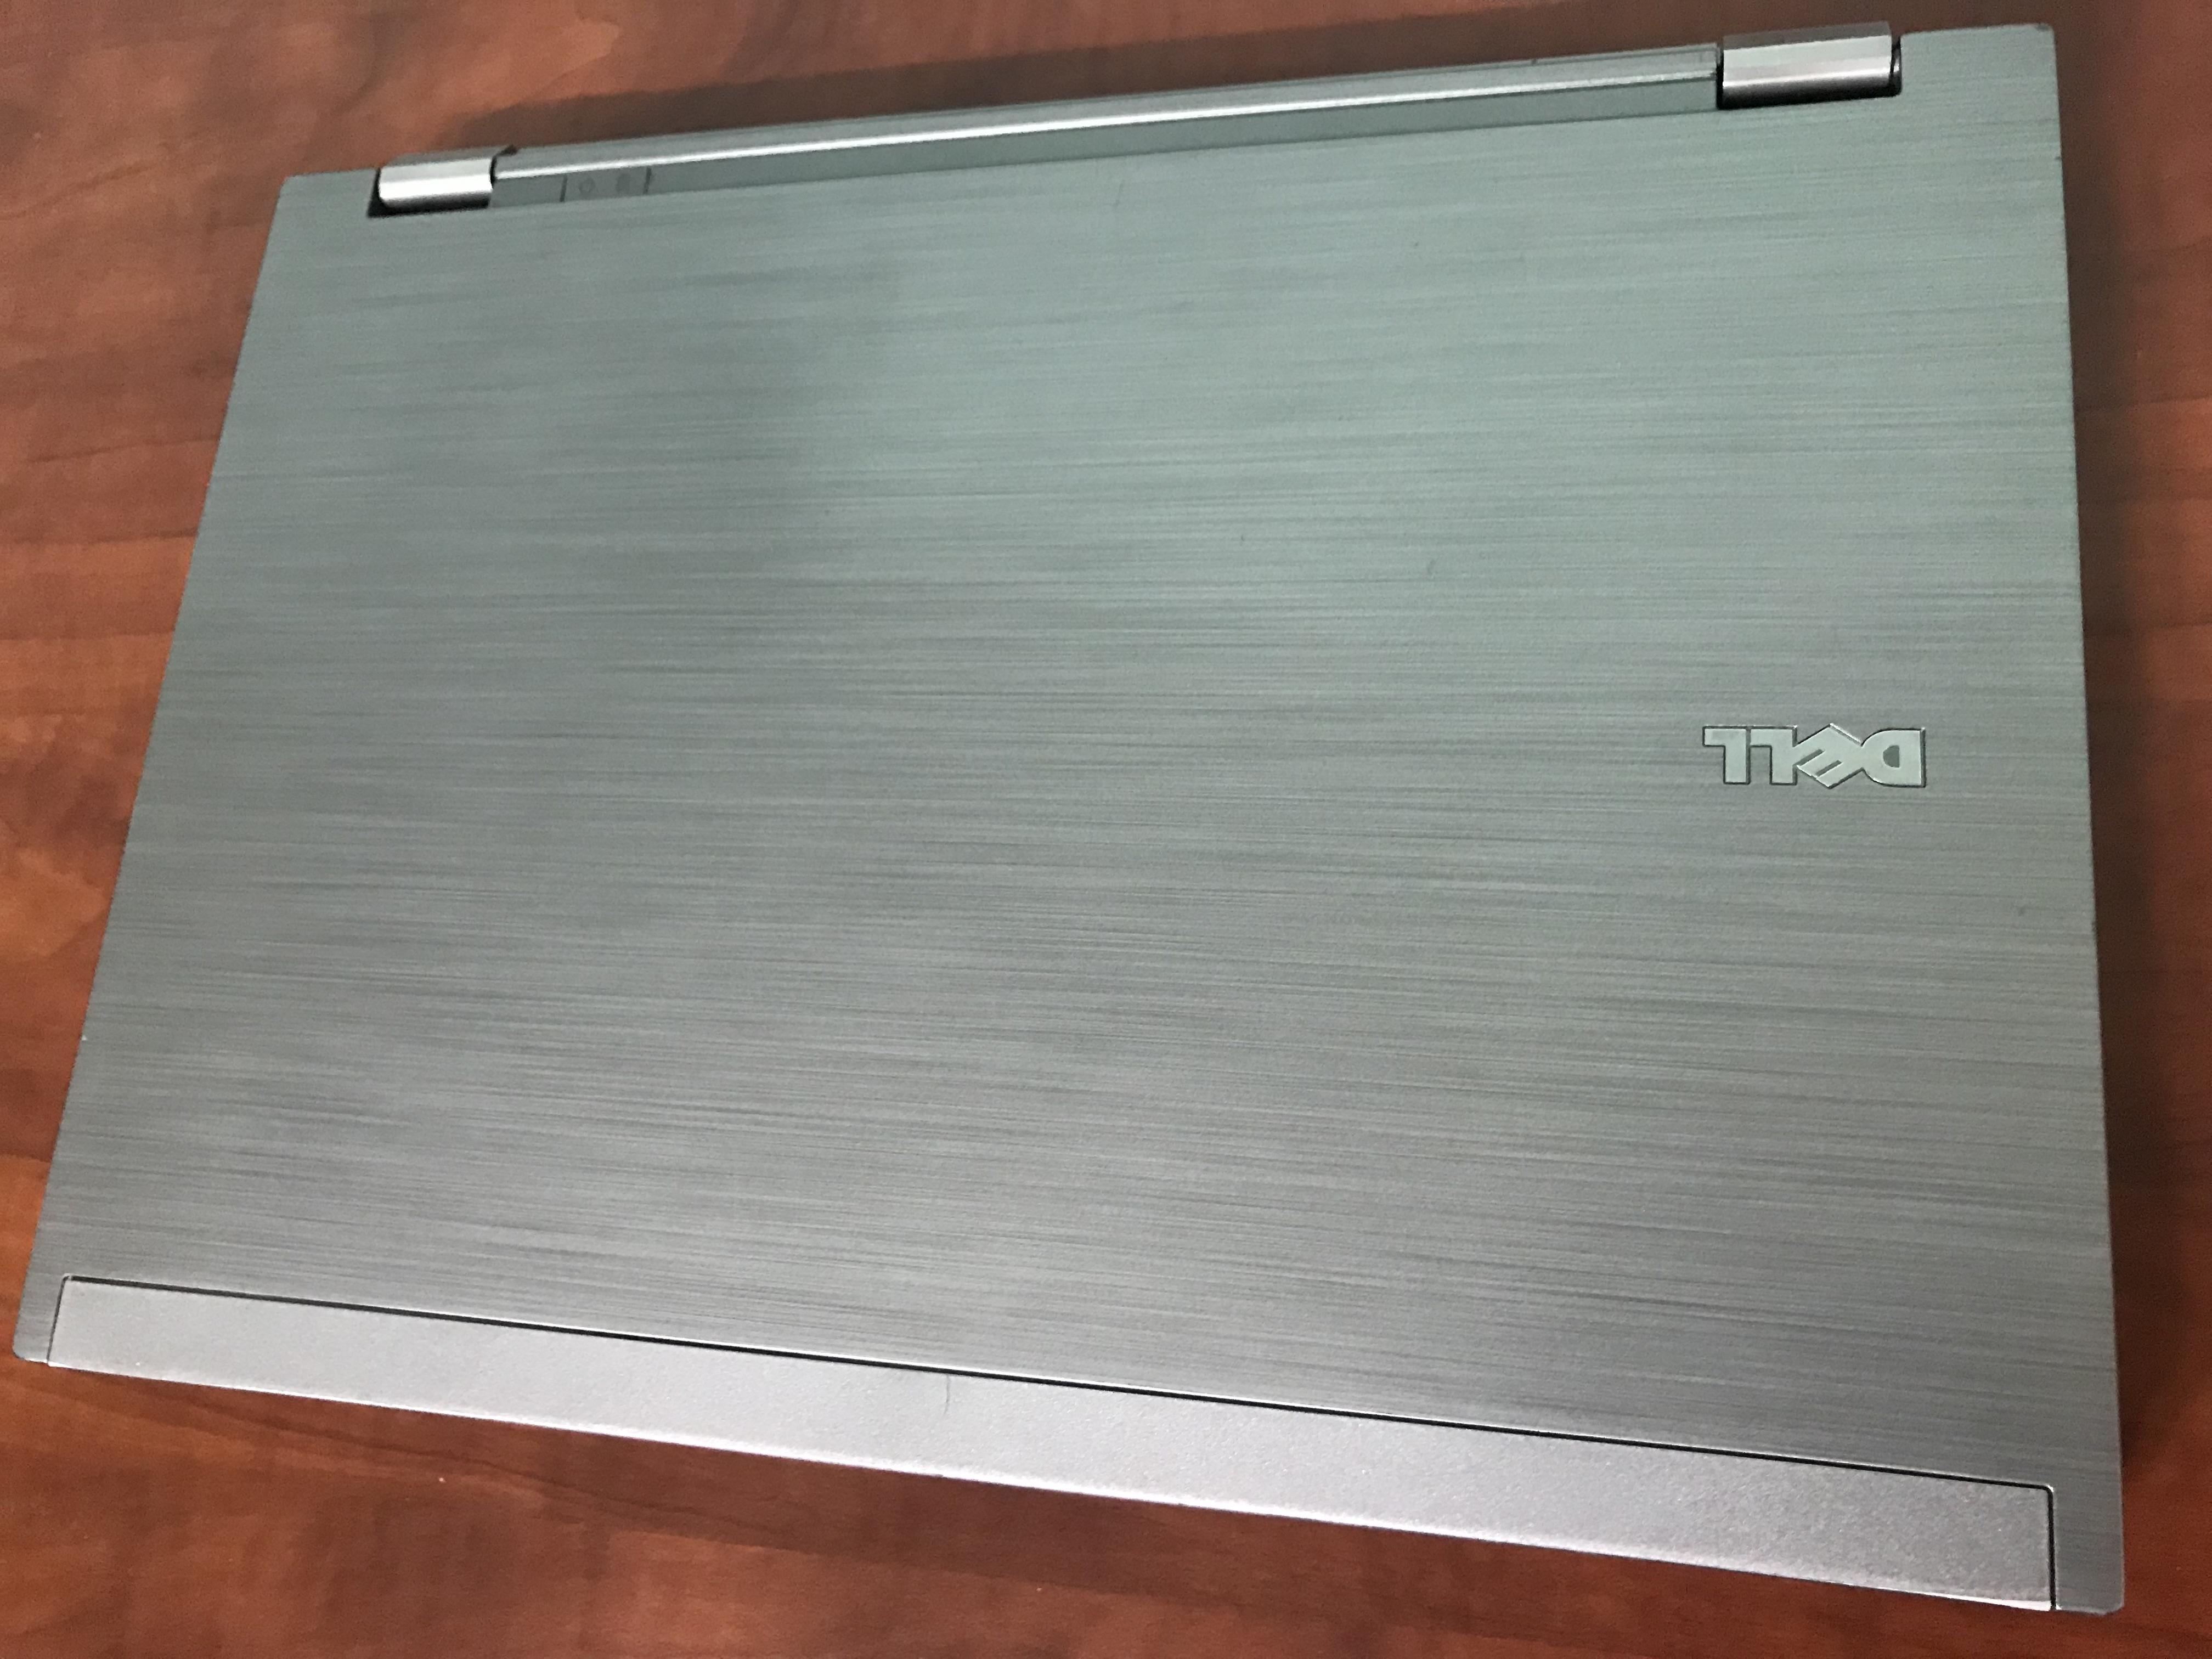 Laptop cũ Dell E6410 CORE I5 Ram 4GB HDD 250gb 14 inch giá rẻ